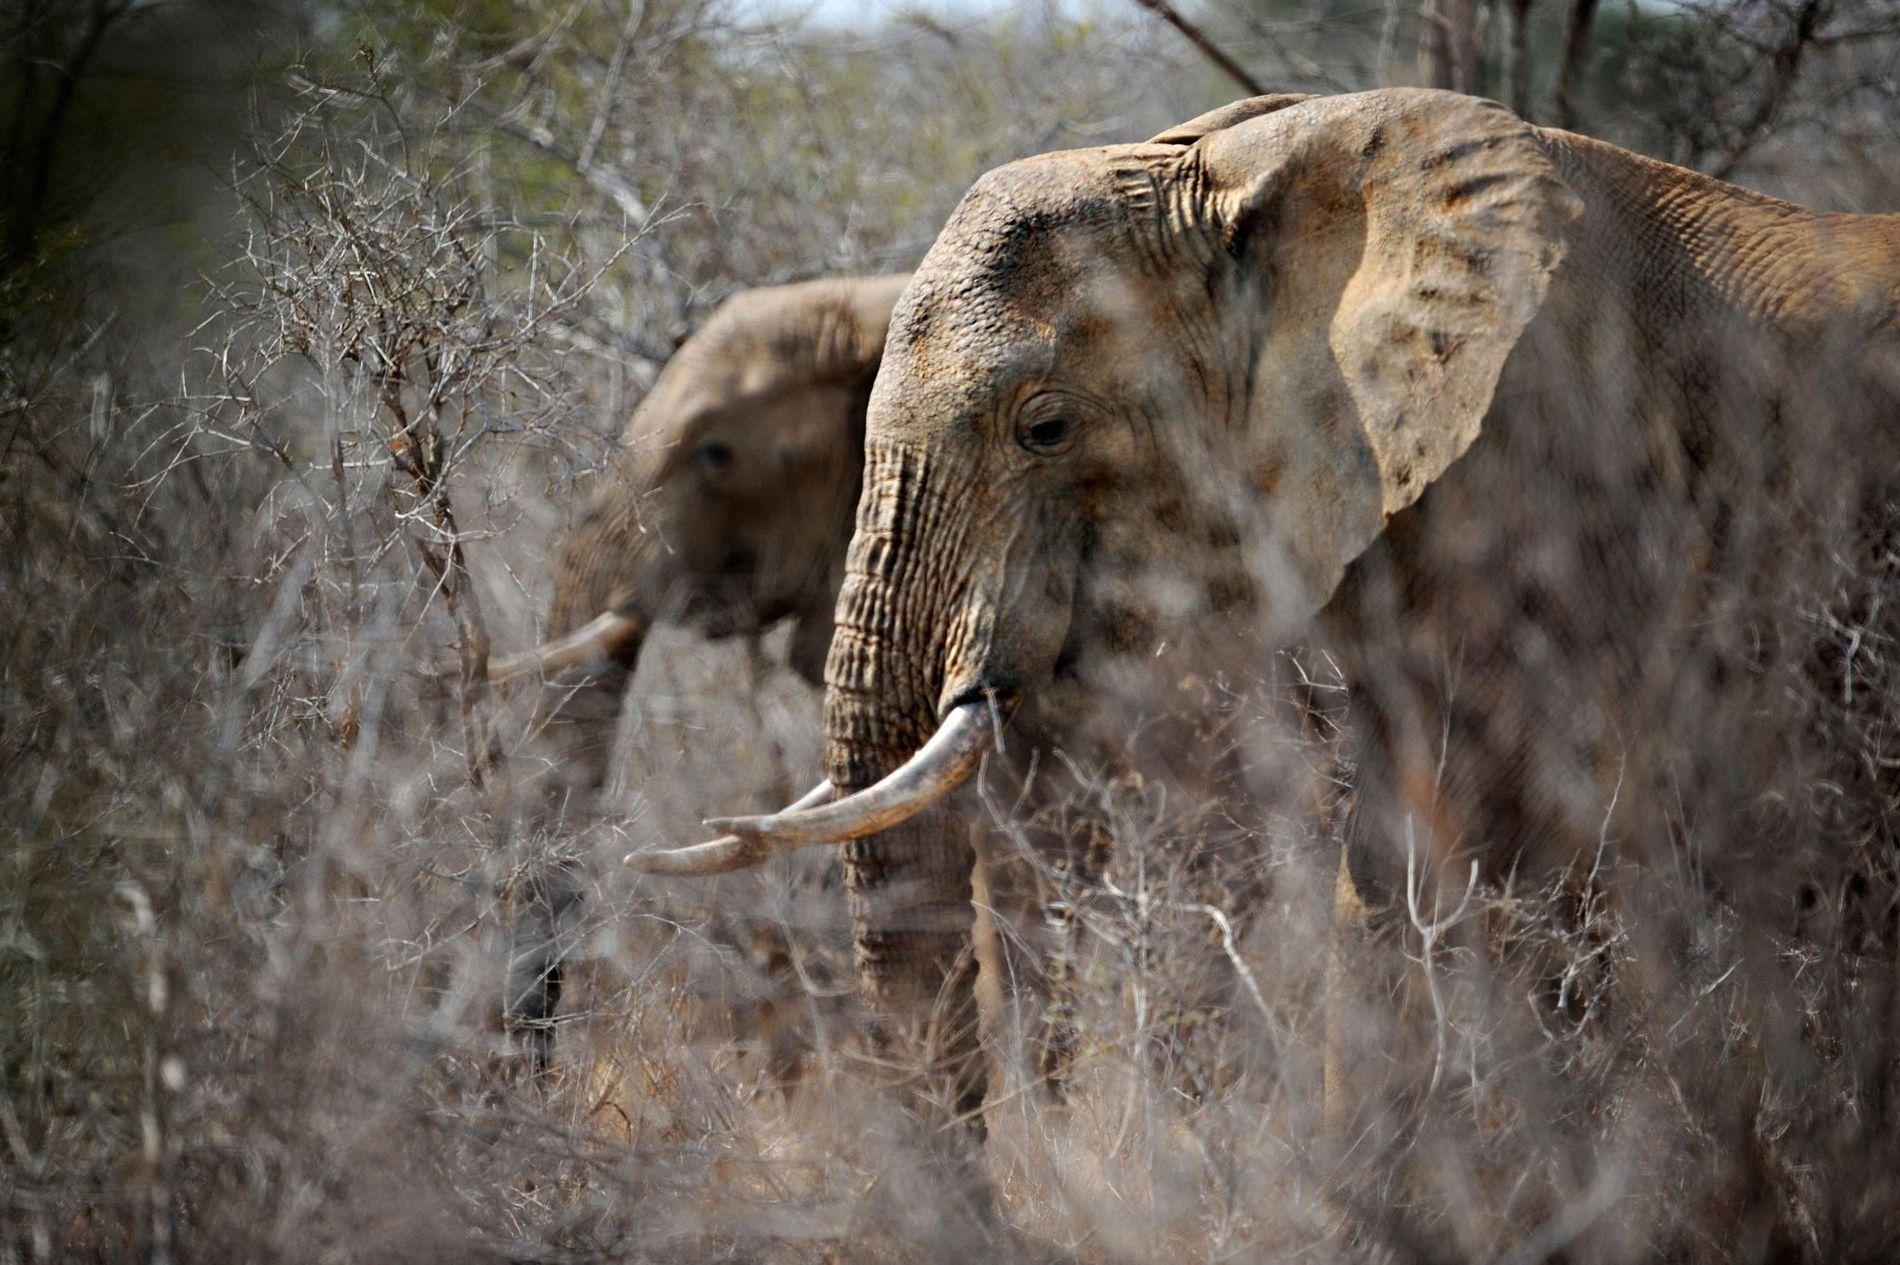 Les États-Unis n'autoriseraient finalement pas l'importation de trophées d'éléphants